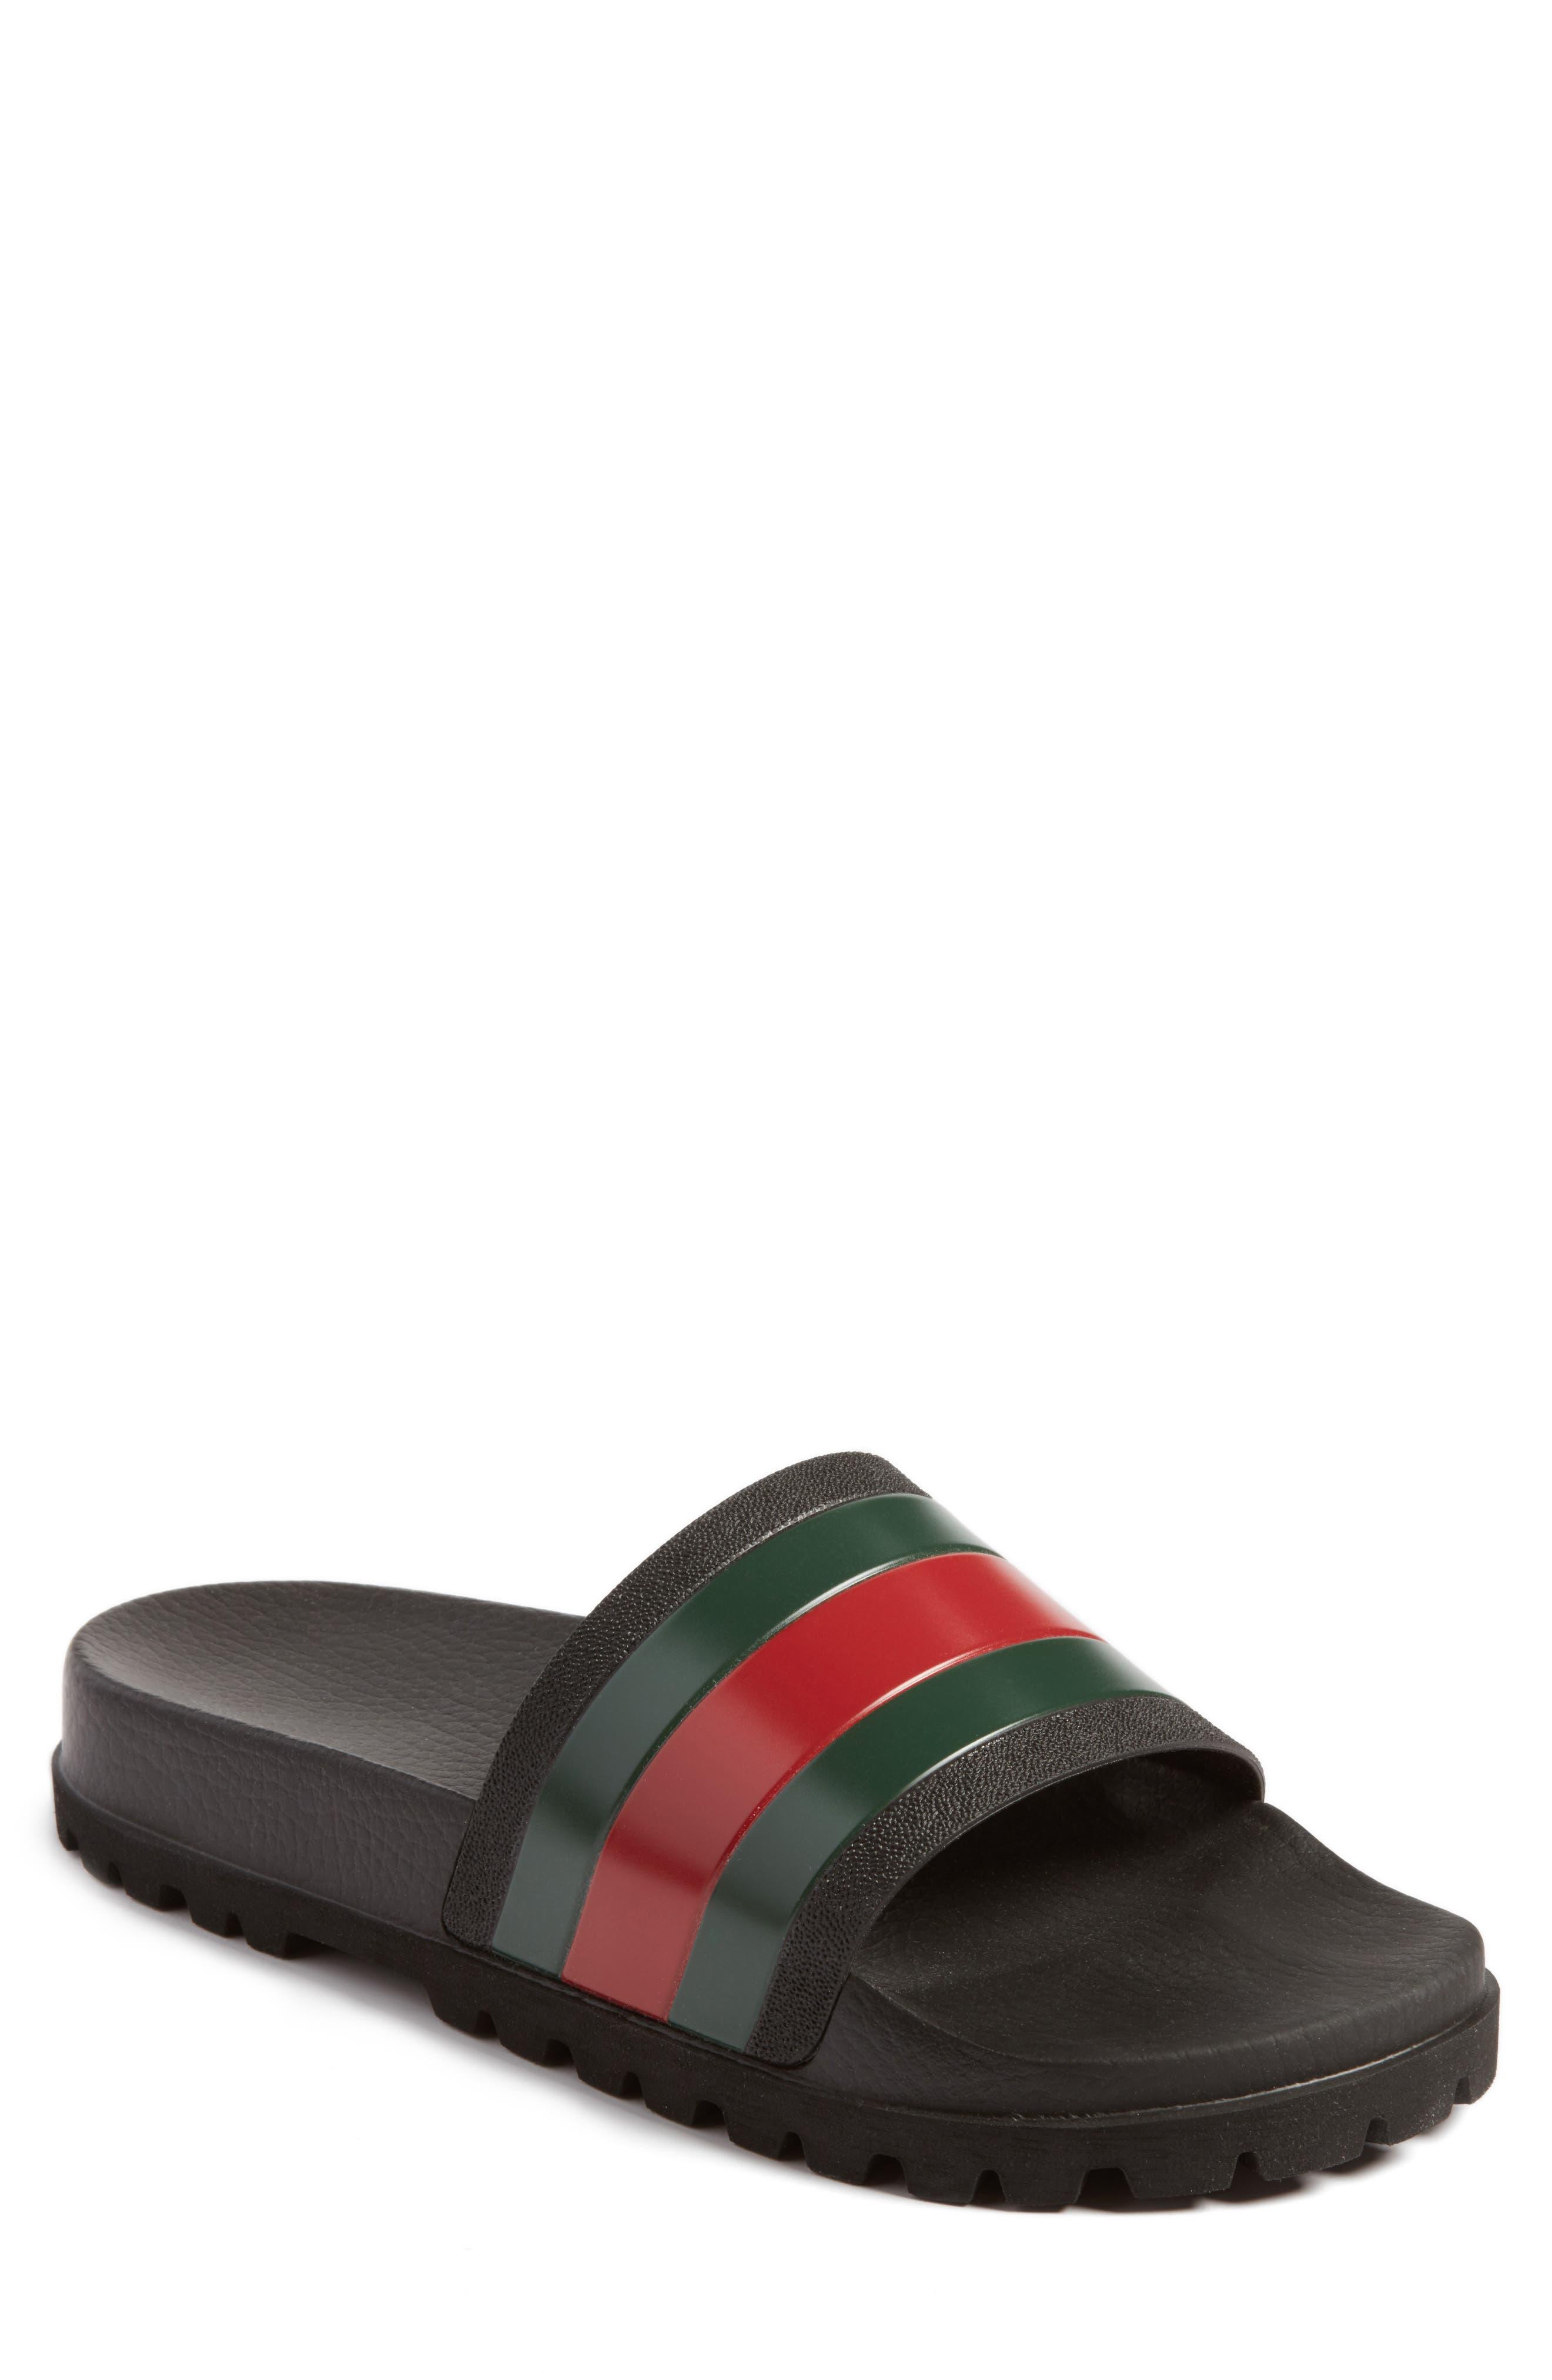 Black gucci sandals - Black Gucci Sandals 13